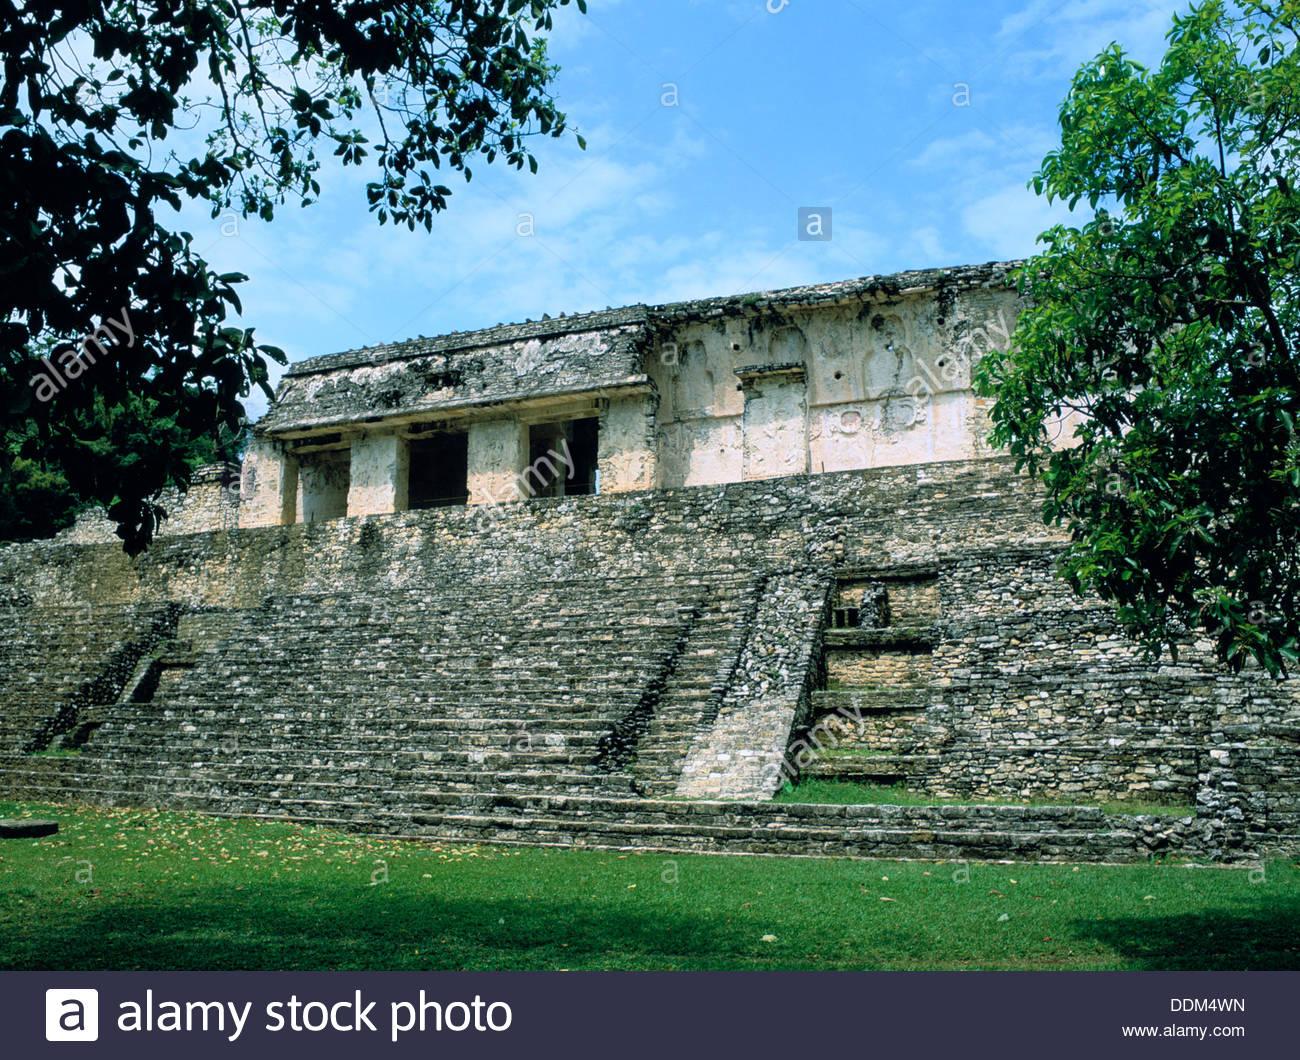 Palace, Palenque, Chiapas, Mexico. Artist: Dr Stephen Coyne - Stock Image